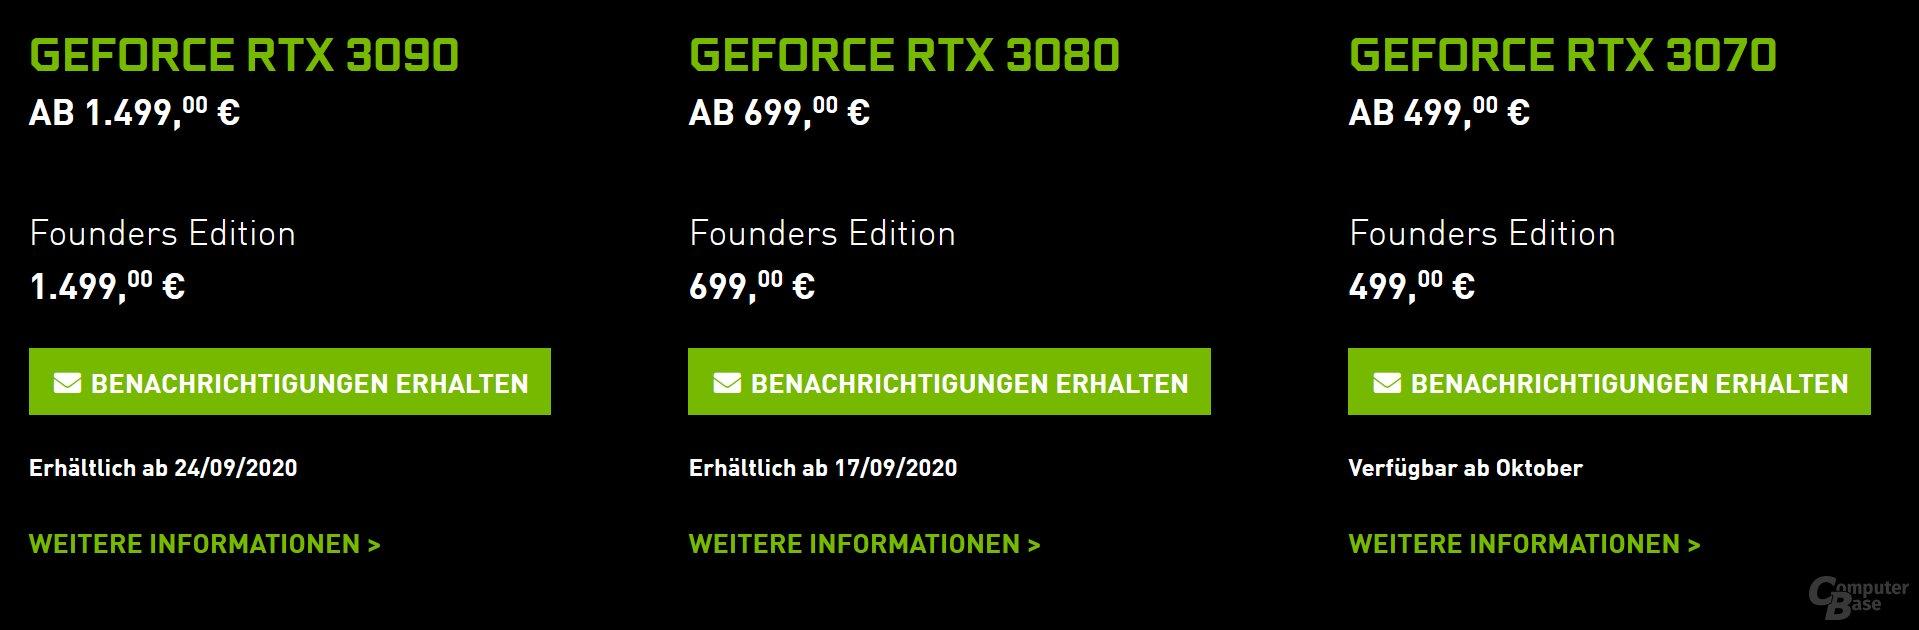 GeForce RTX 3000 - Preise und Daten